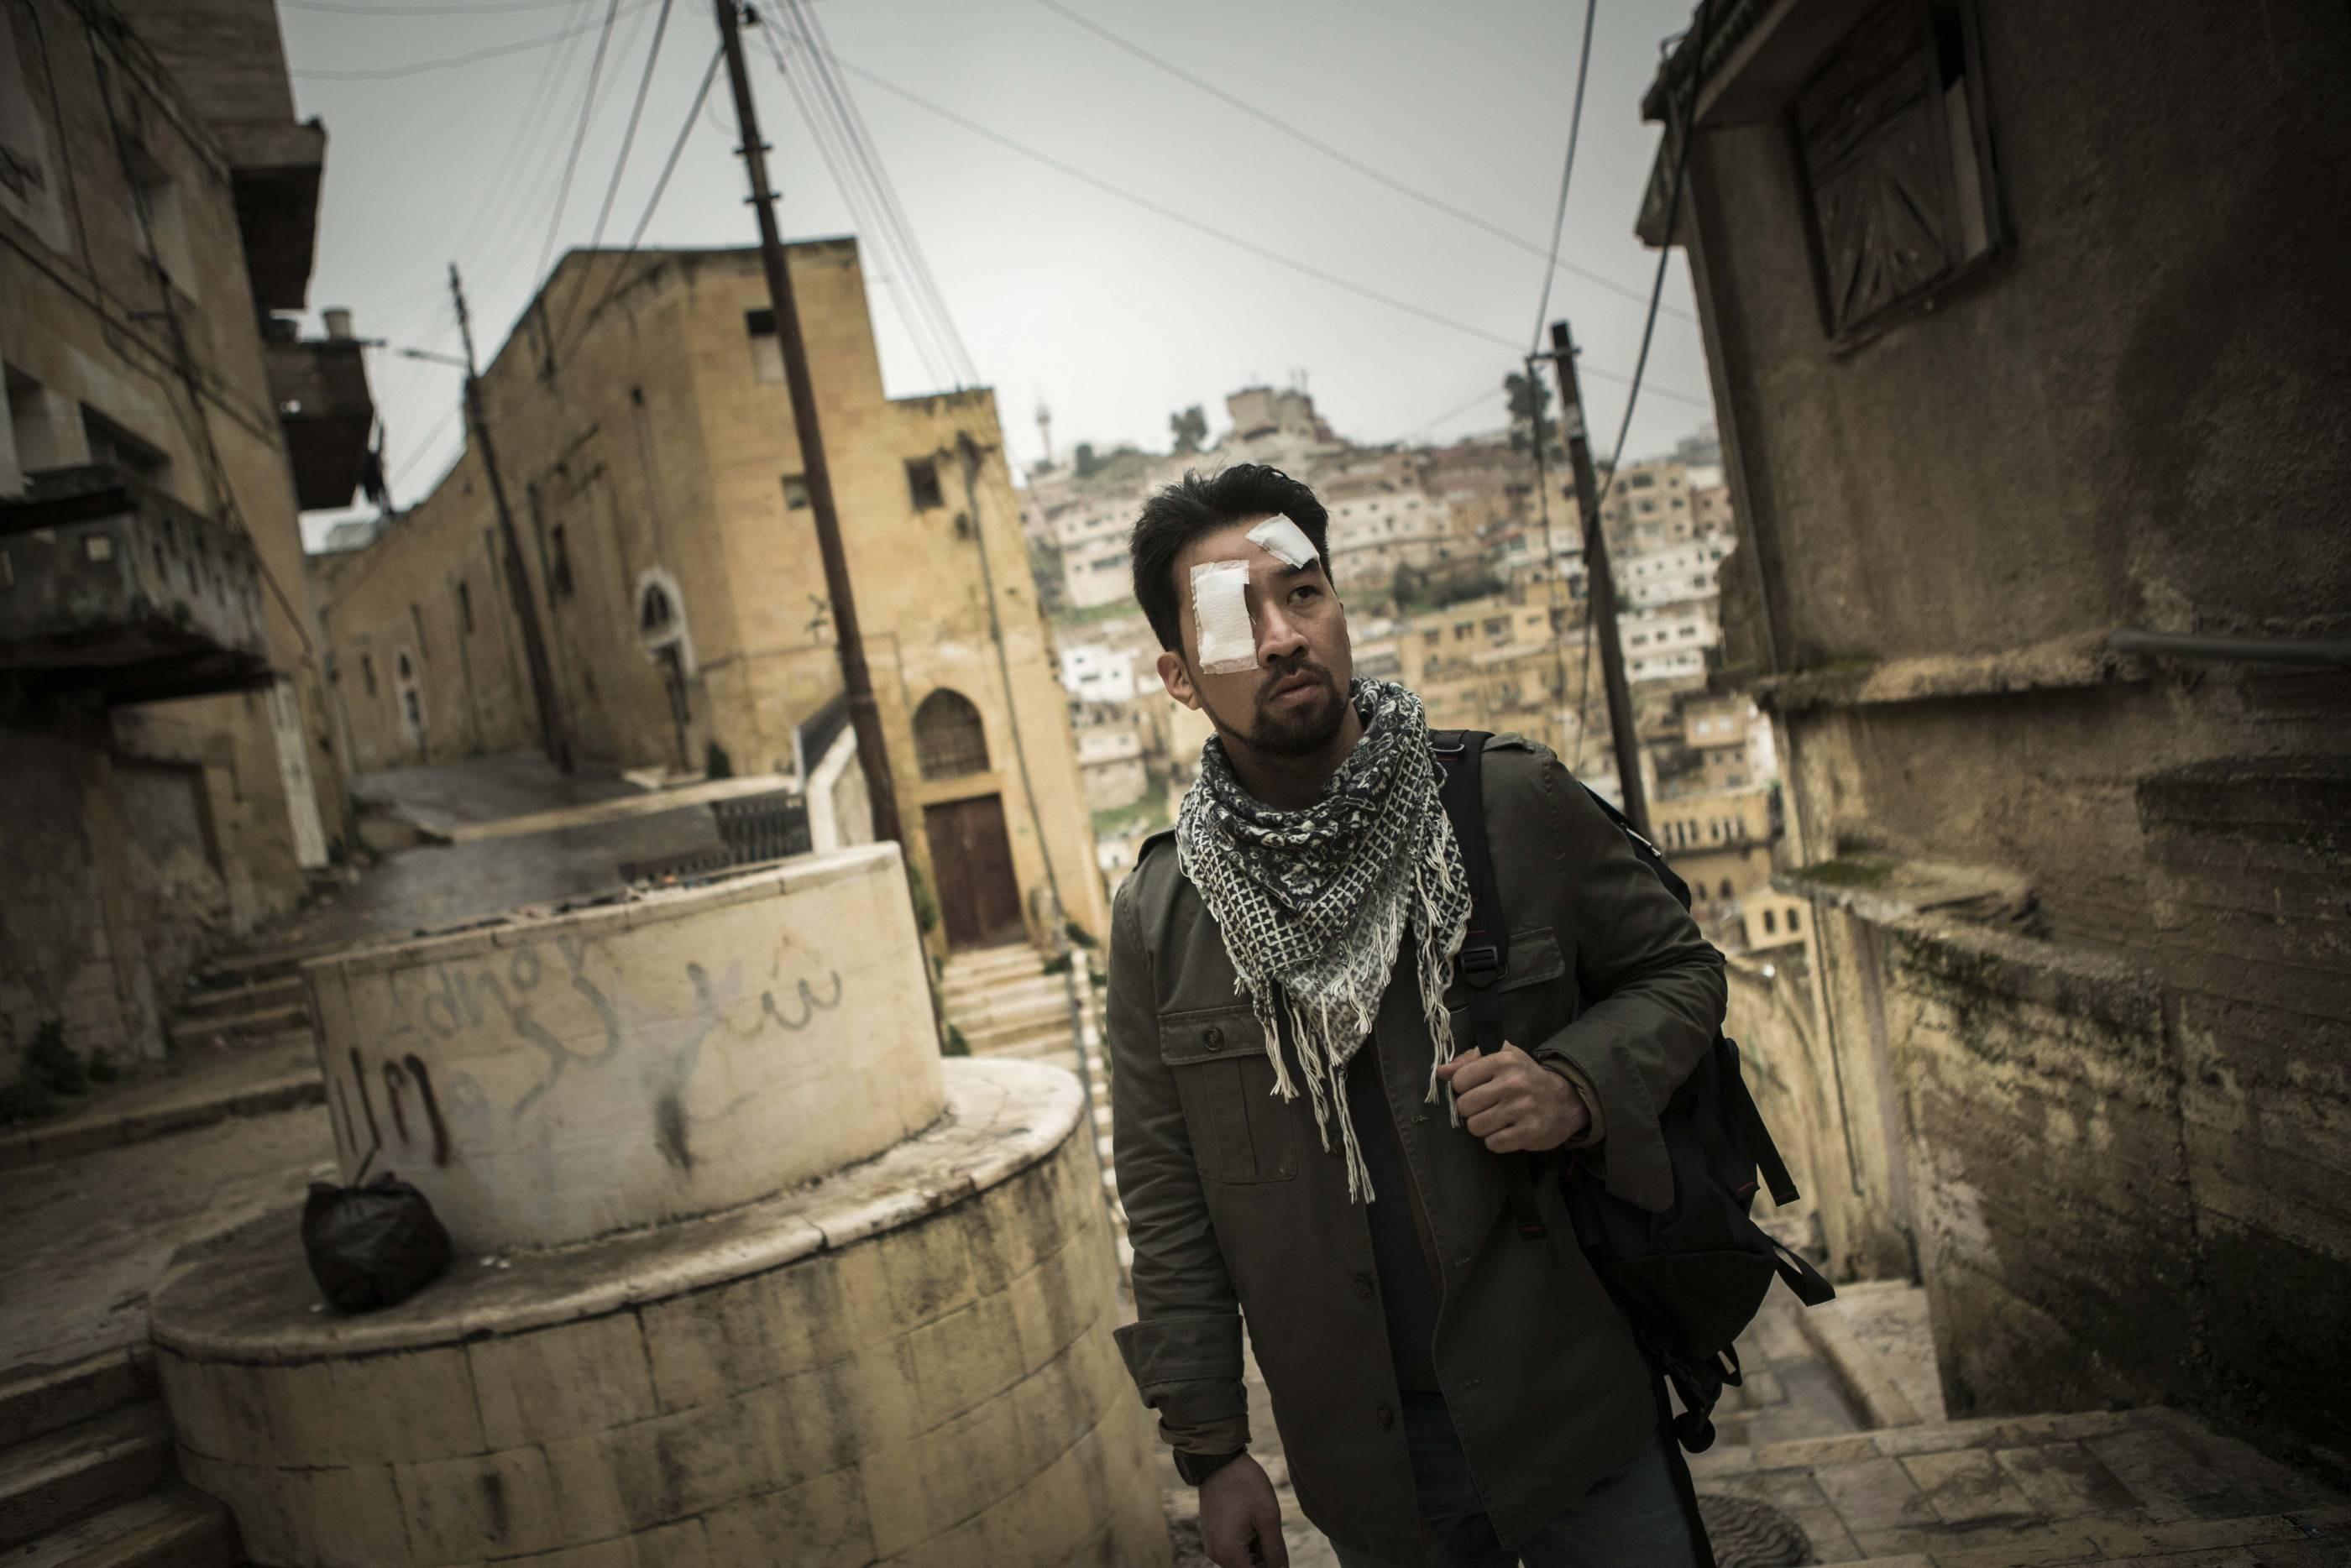 公視「麻醉風暴2」飾演主角「蕭政勳」醫師的黃健瑋(右)遠赴約旦拍攝戰地醫師工作與生活(圖/公視提供)